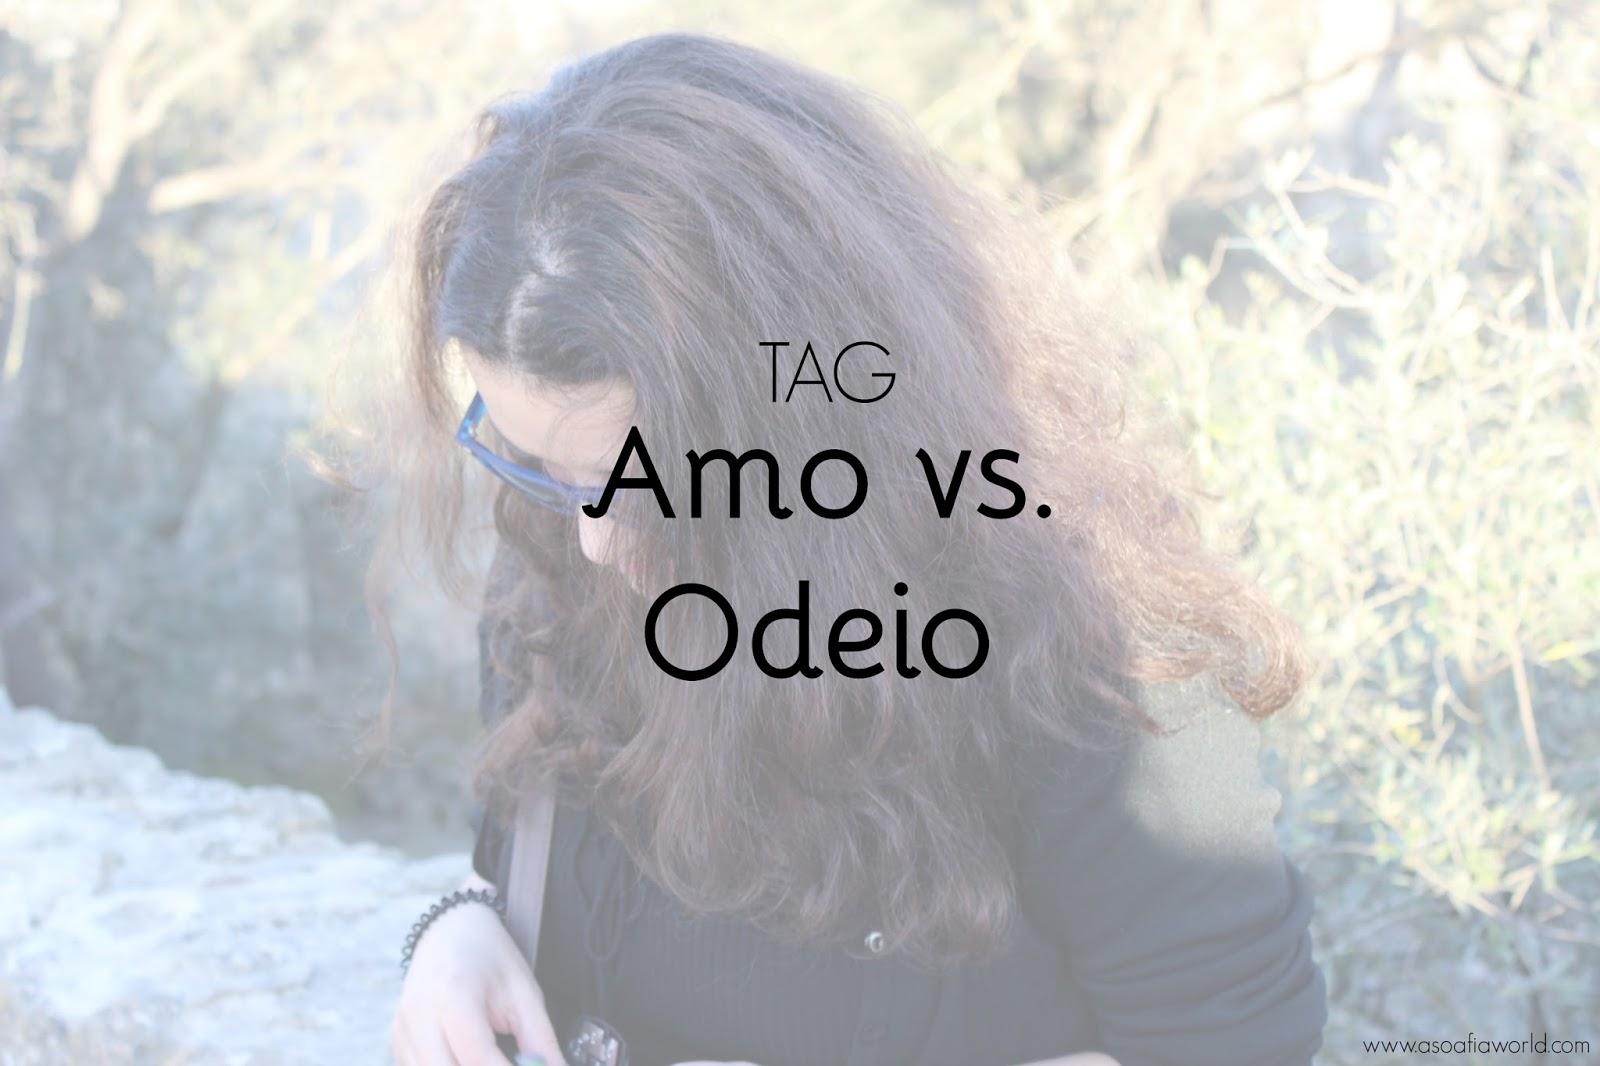 TAG: amo vs. odeio